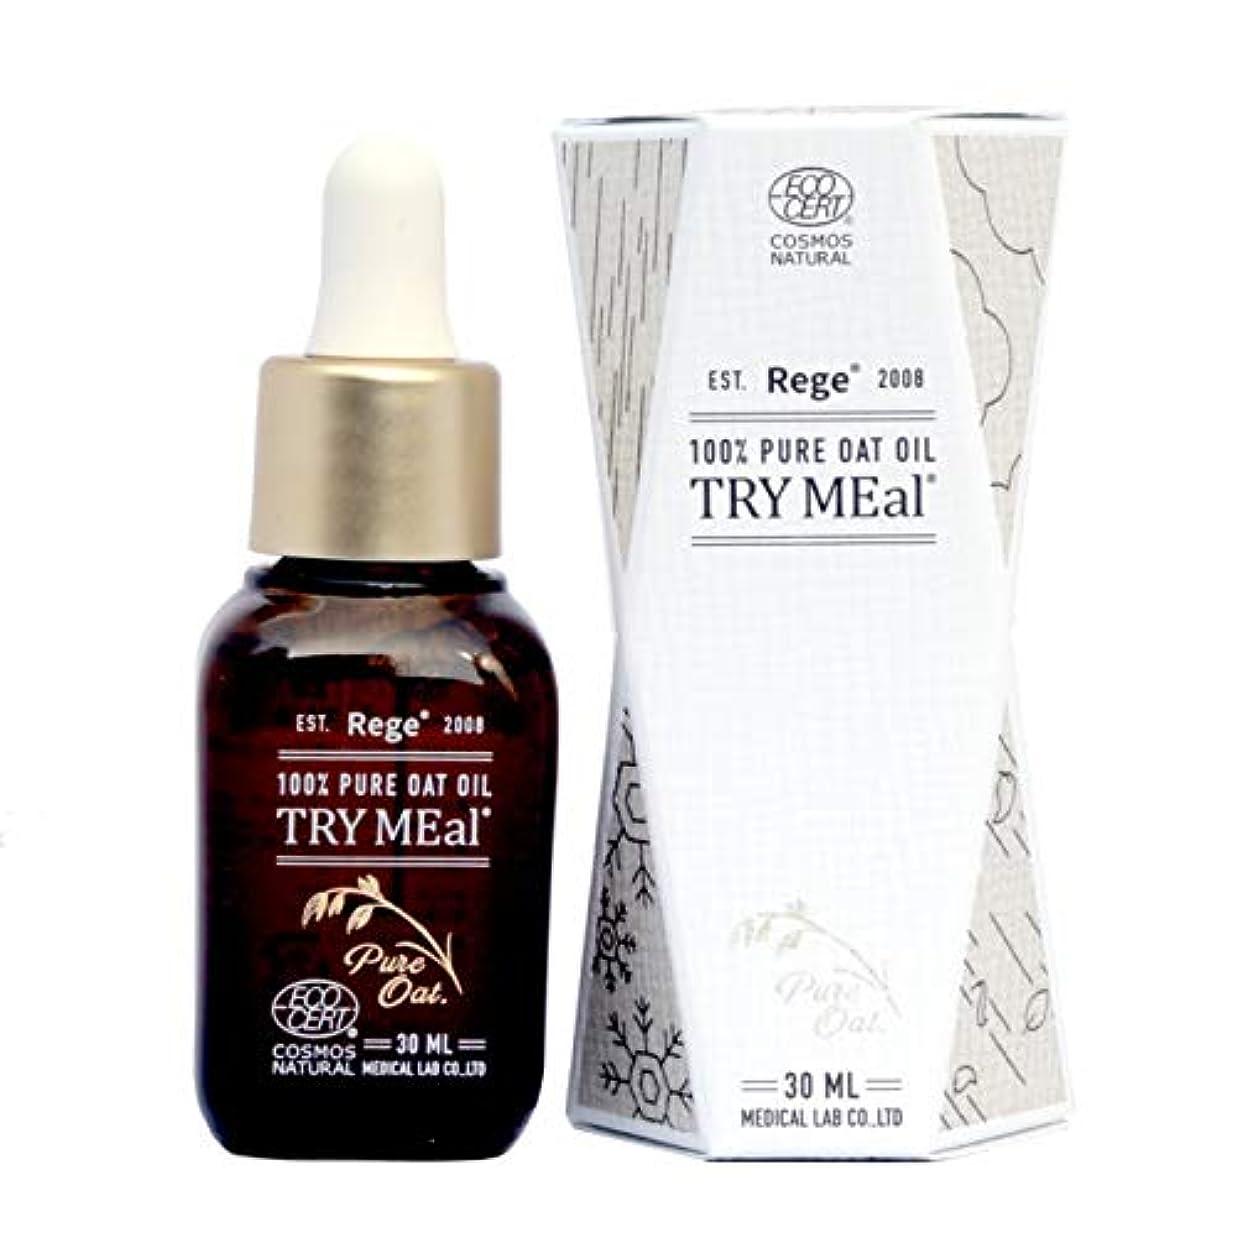 俳句膨張するメトリックTRY MEal オートミール美容液 100%ピュアオイル 30ml エコサート&コスモスナチュラル認証